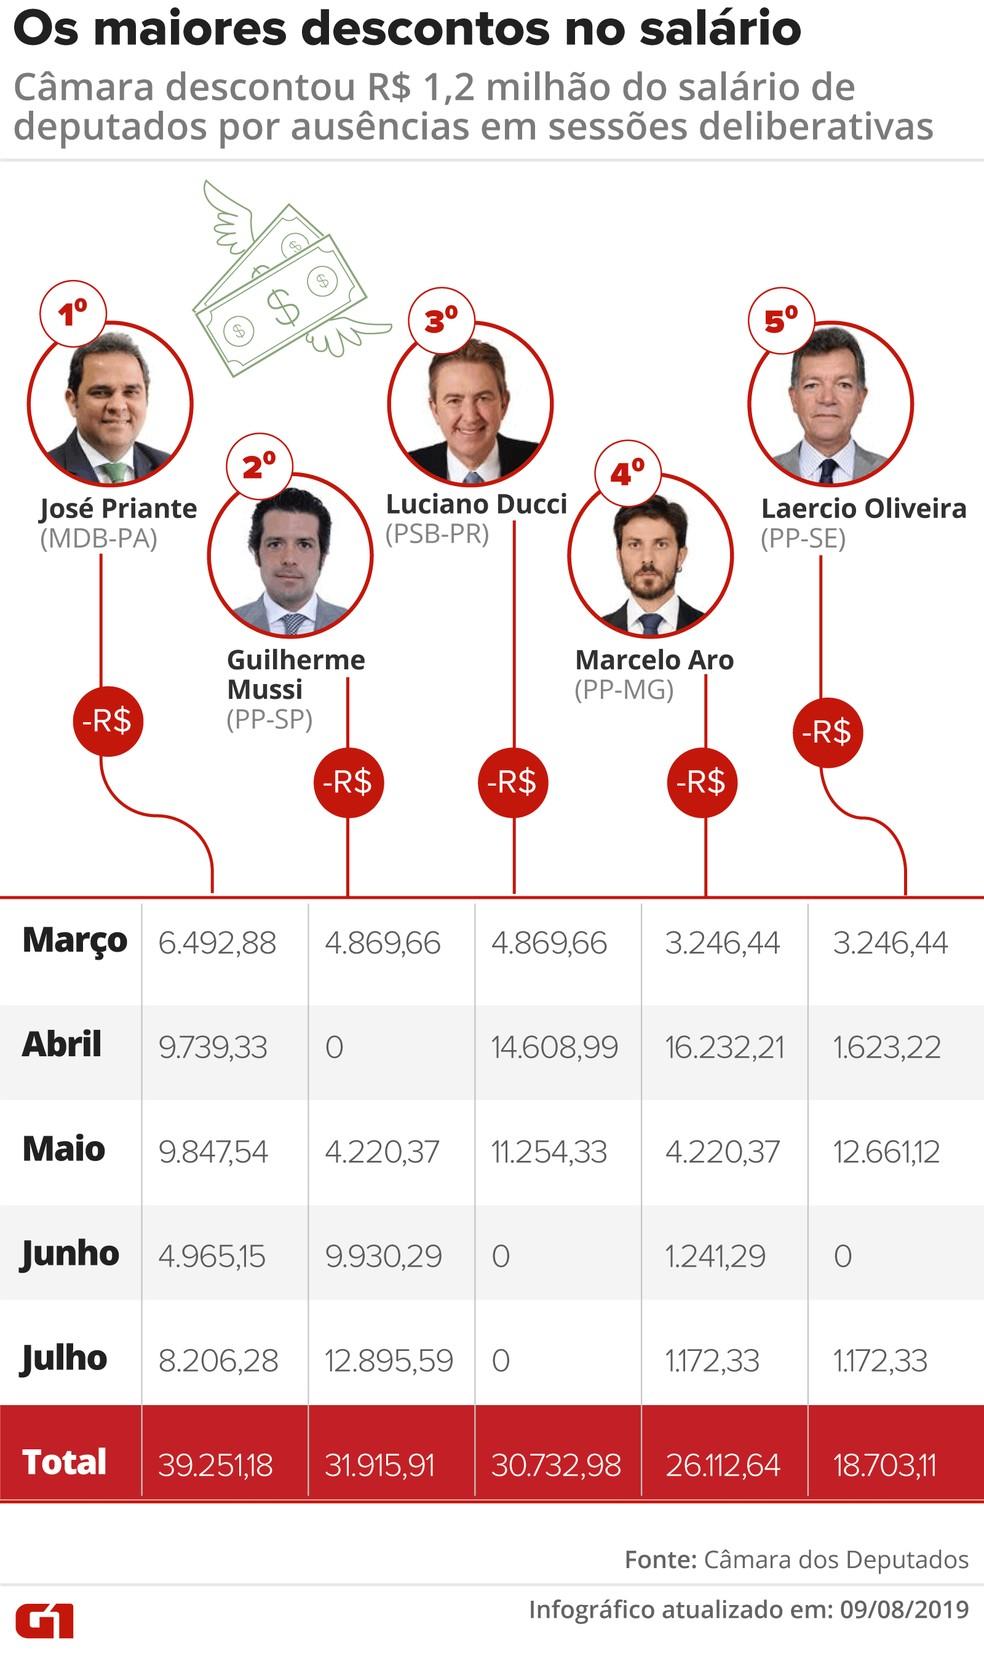 Os maiores descontos no salário: Câmara descontou R$ 1,2 milhão do salário de deputados por ausências em sessões deliberativas — Foto: Wagner Magalhães / G1